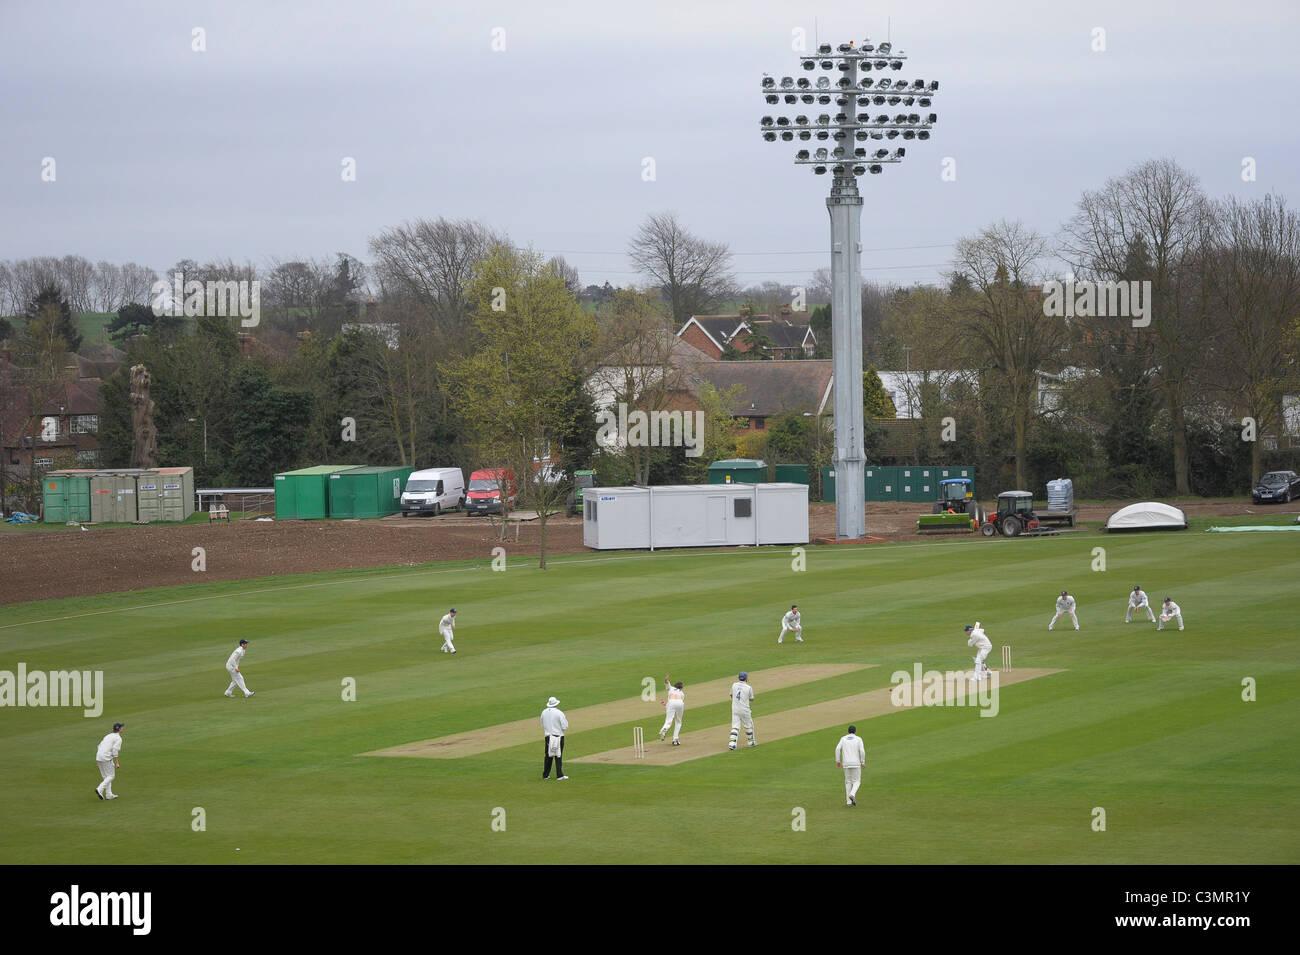 Kent County Cricket Club di St Lawrence Ground durante la pratica il match contro il Sussex, 5 Aprile 2011 Immagini Stock